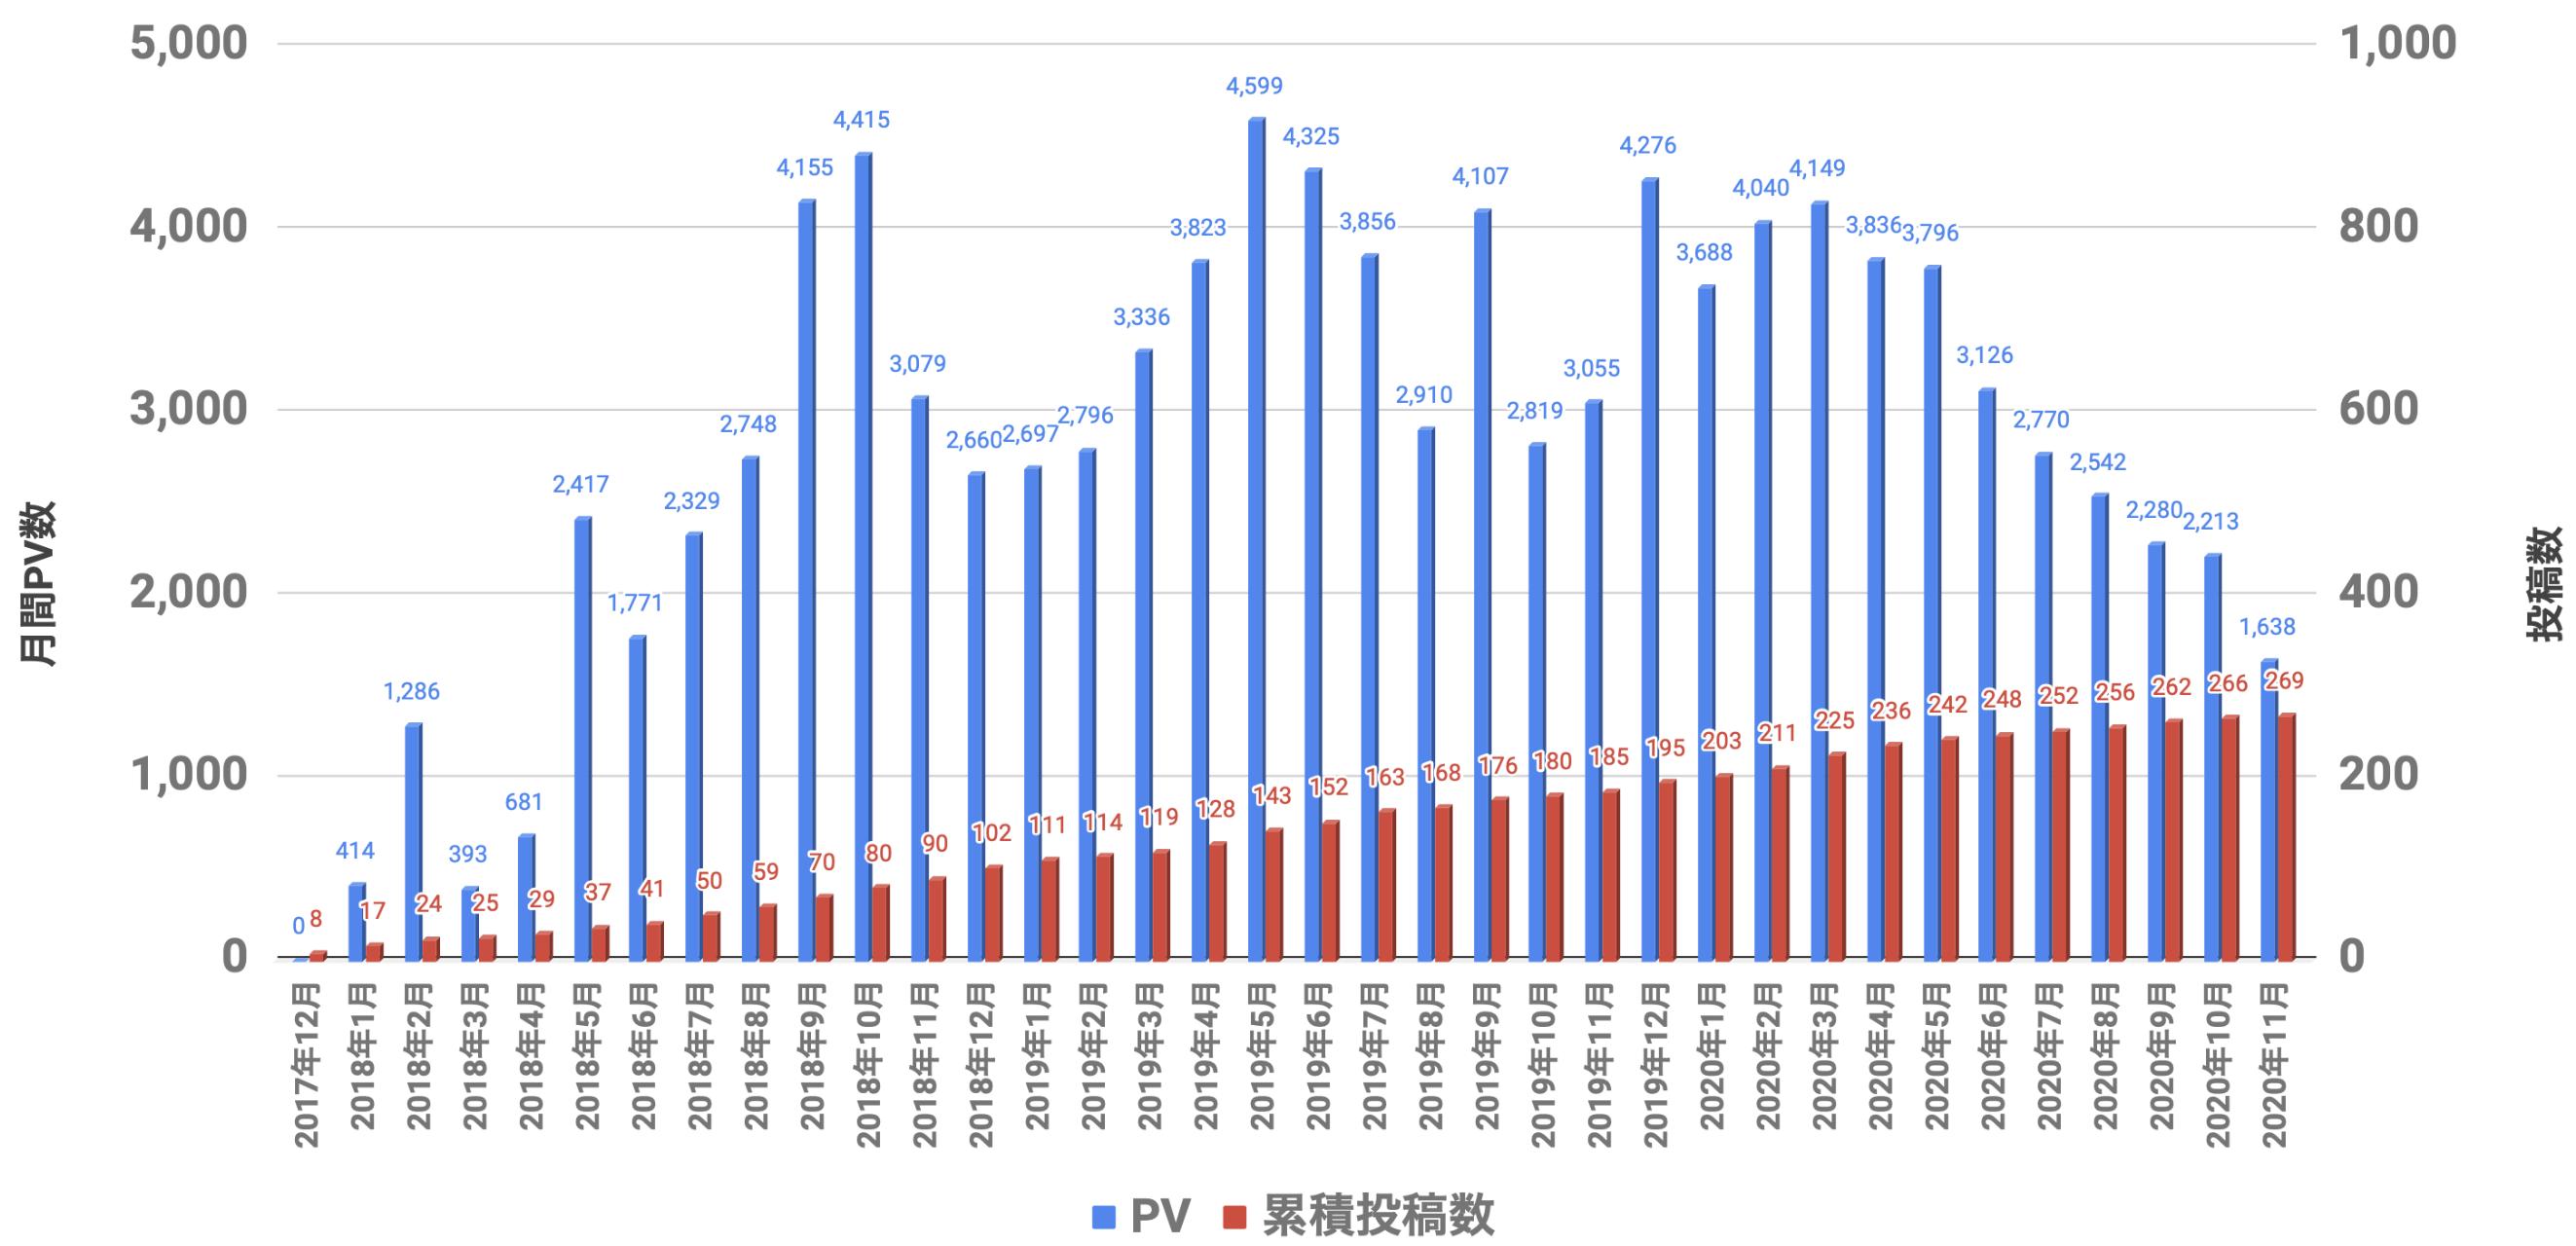 PVと投稿数 2020年11月